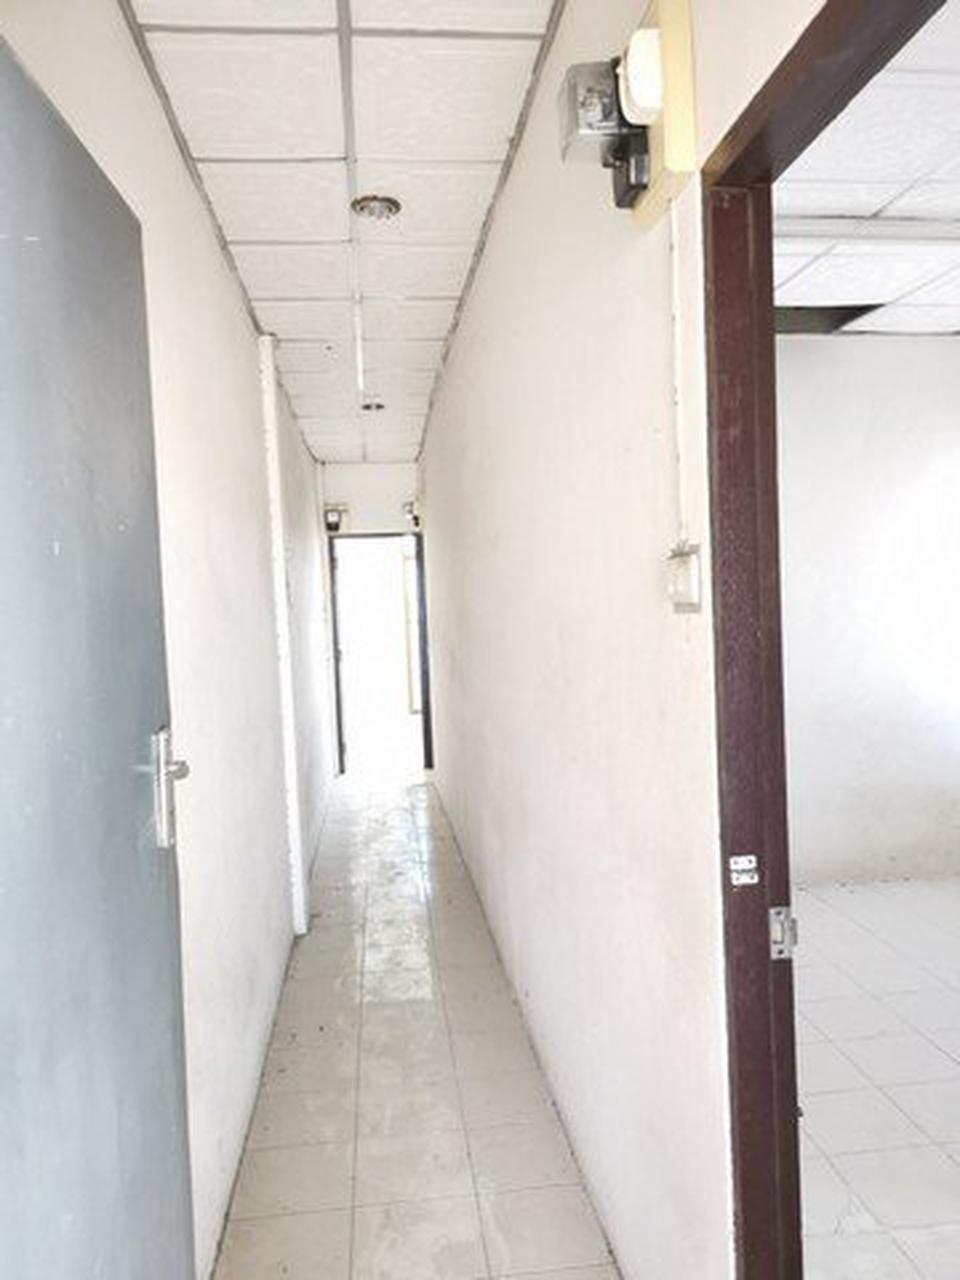 ขาย/เช่า ตึกแถว 5ชั้น  ติดริมถนนประชาอุทิศ 119 รูปที่ 2